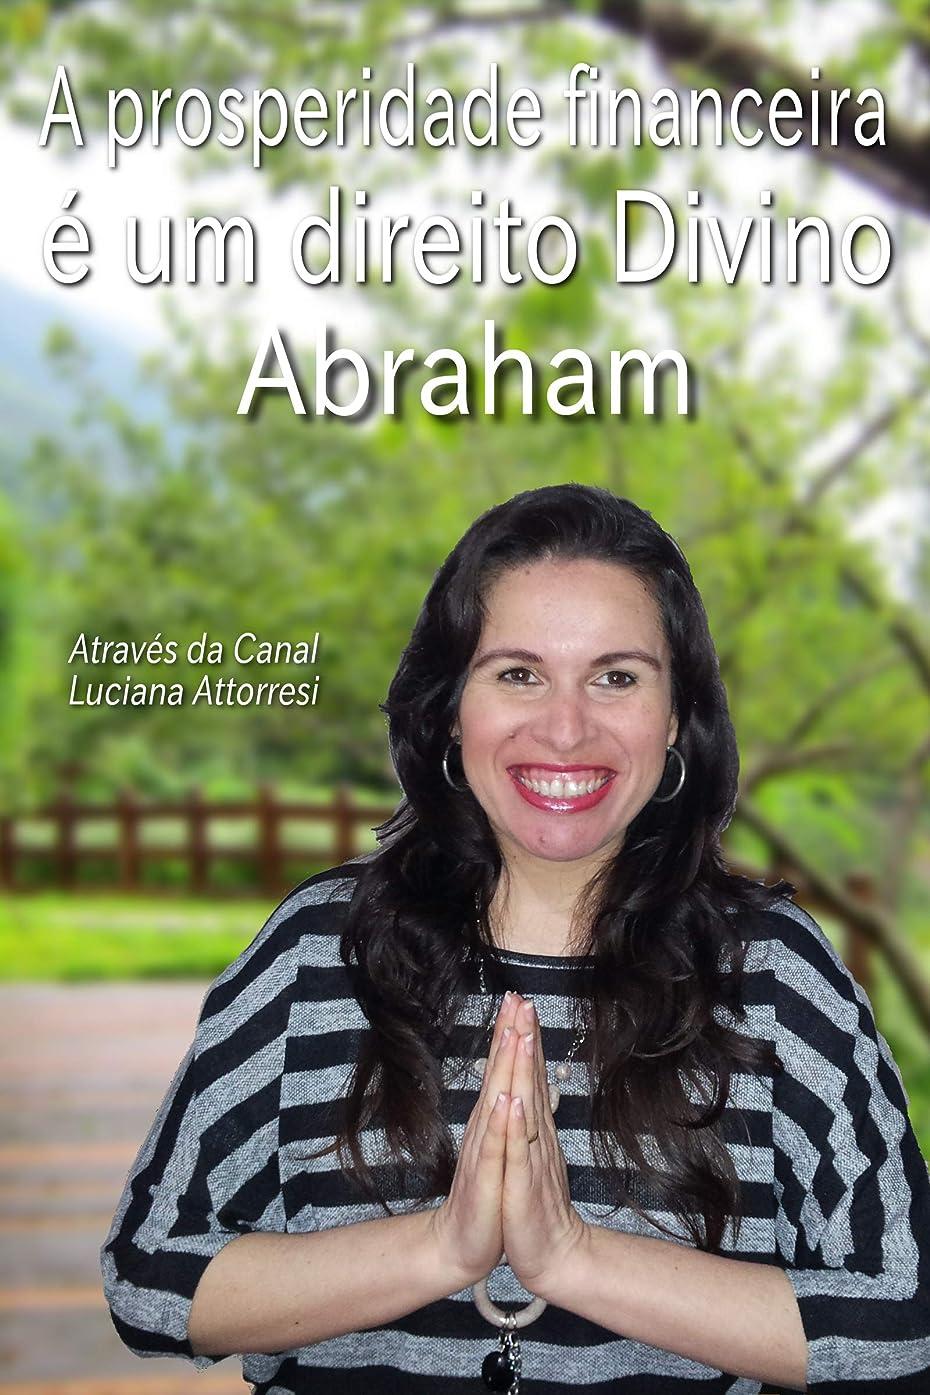 センチメンタル資産狂うA prosperidade financeira é um direito Divino: O manual da tua prosperidade financeira! (Portuguese Edition)